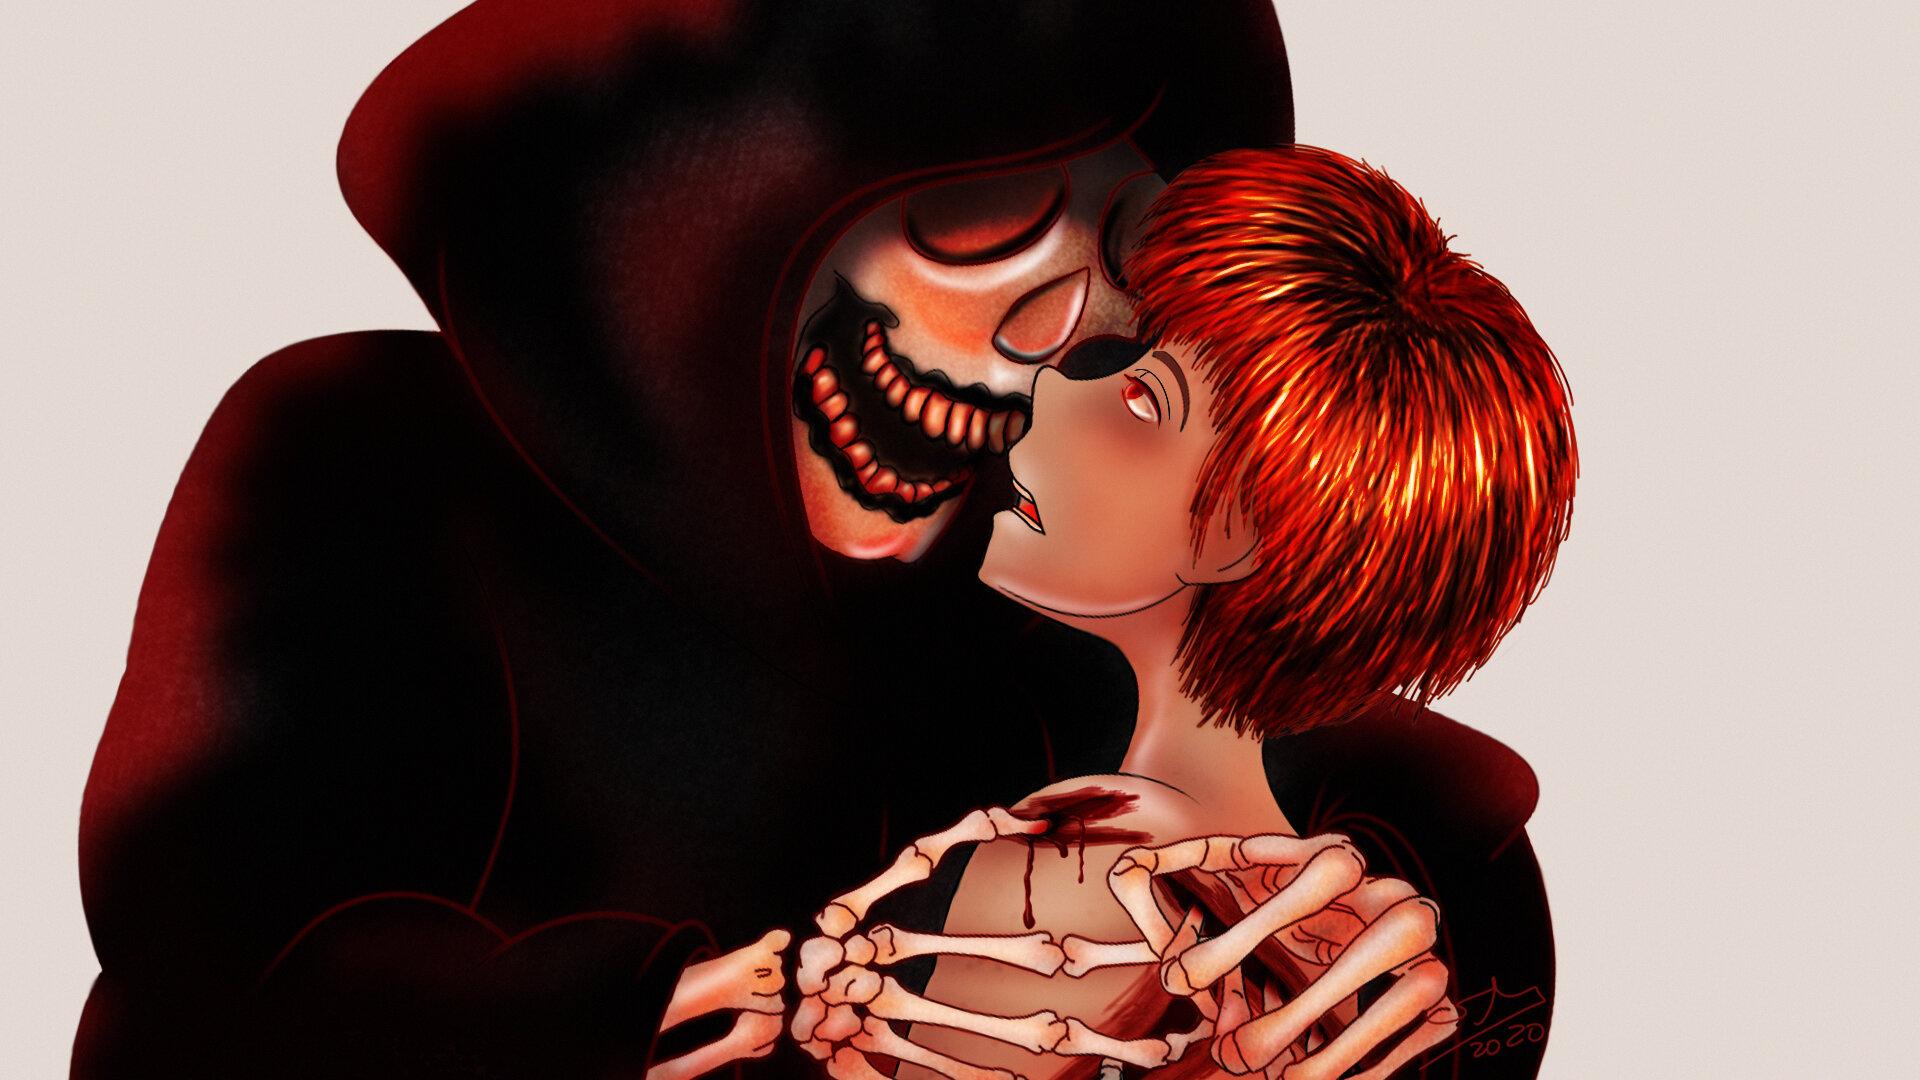 Schatten und Emilio